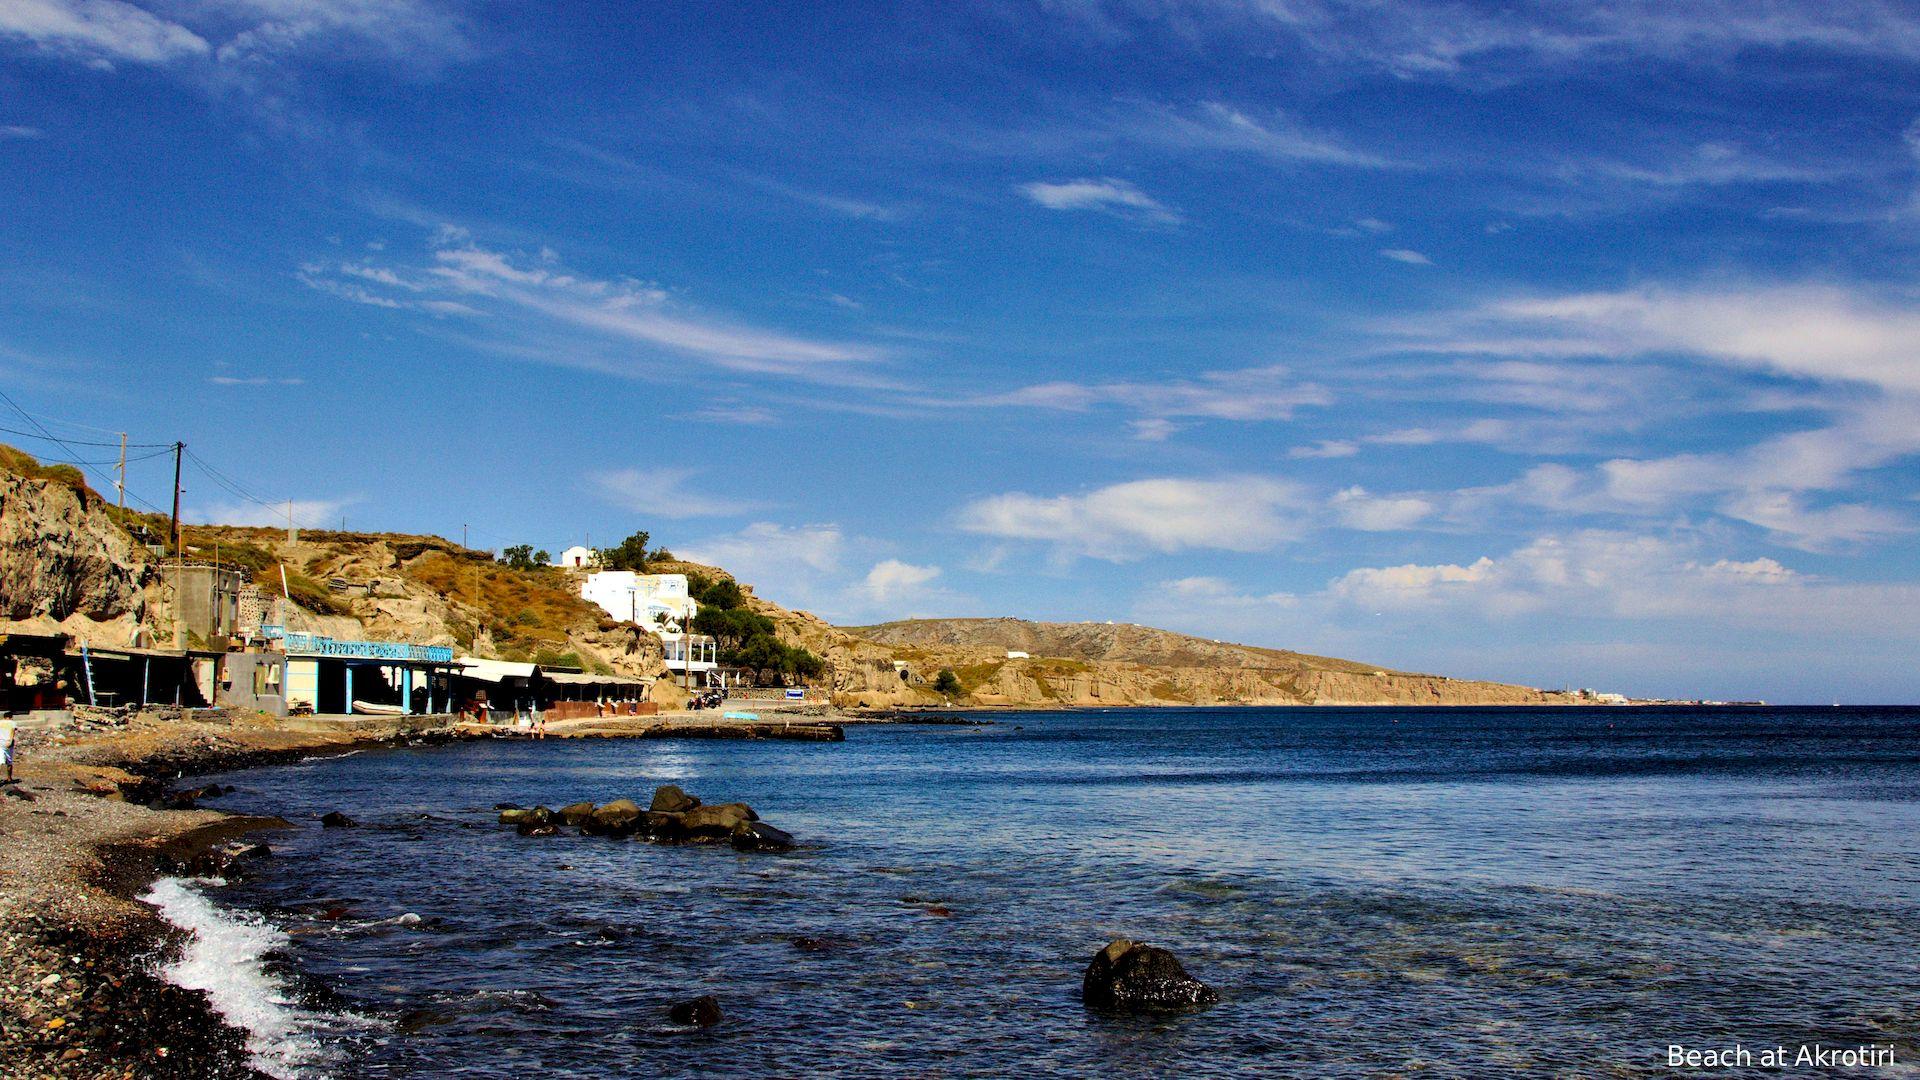 A beach at Akrotiri in Santorini, Greece